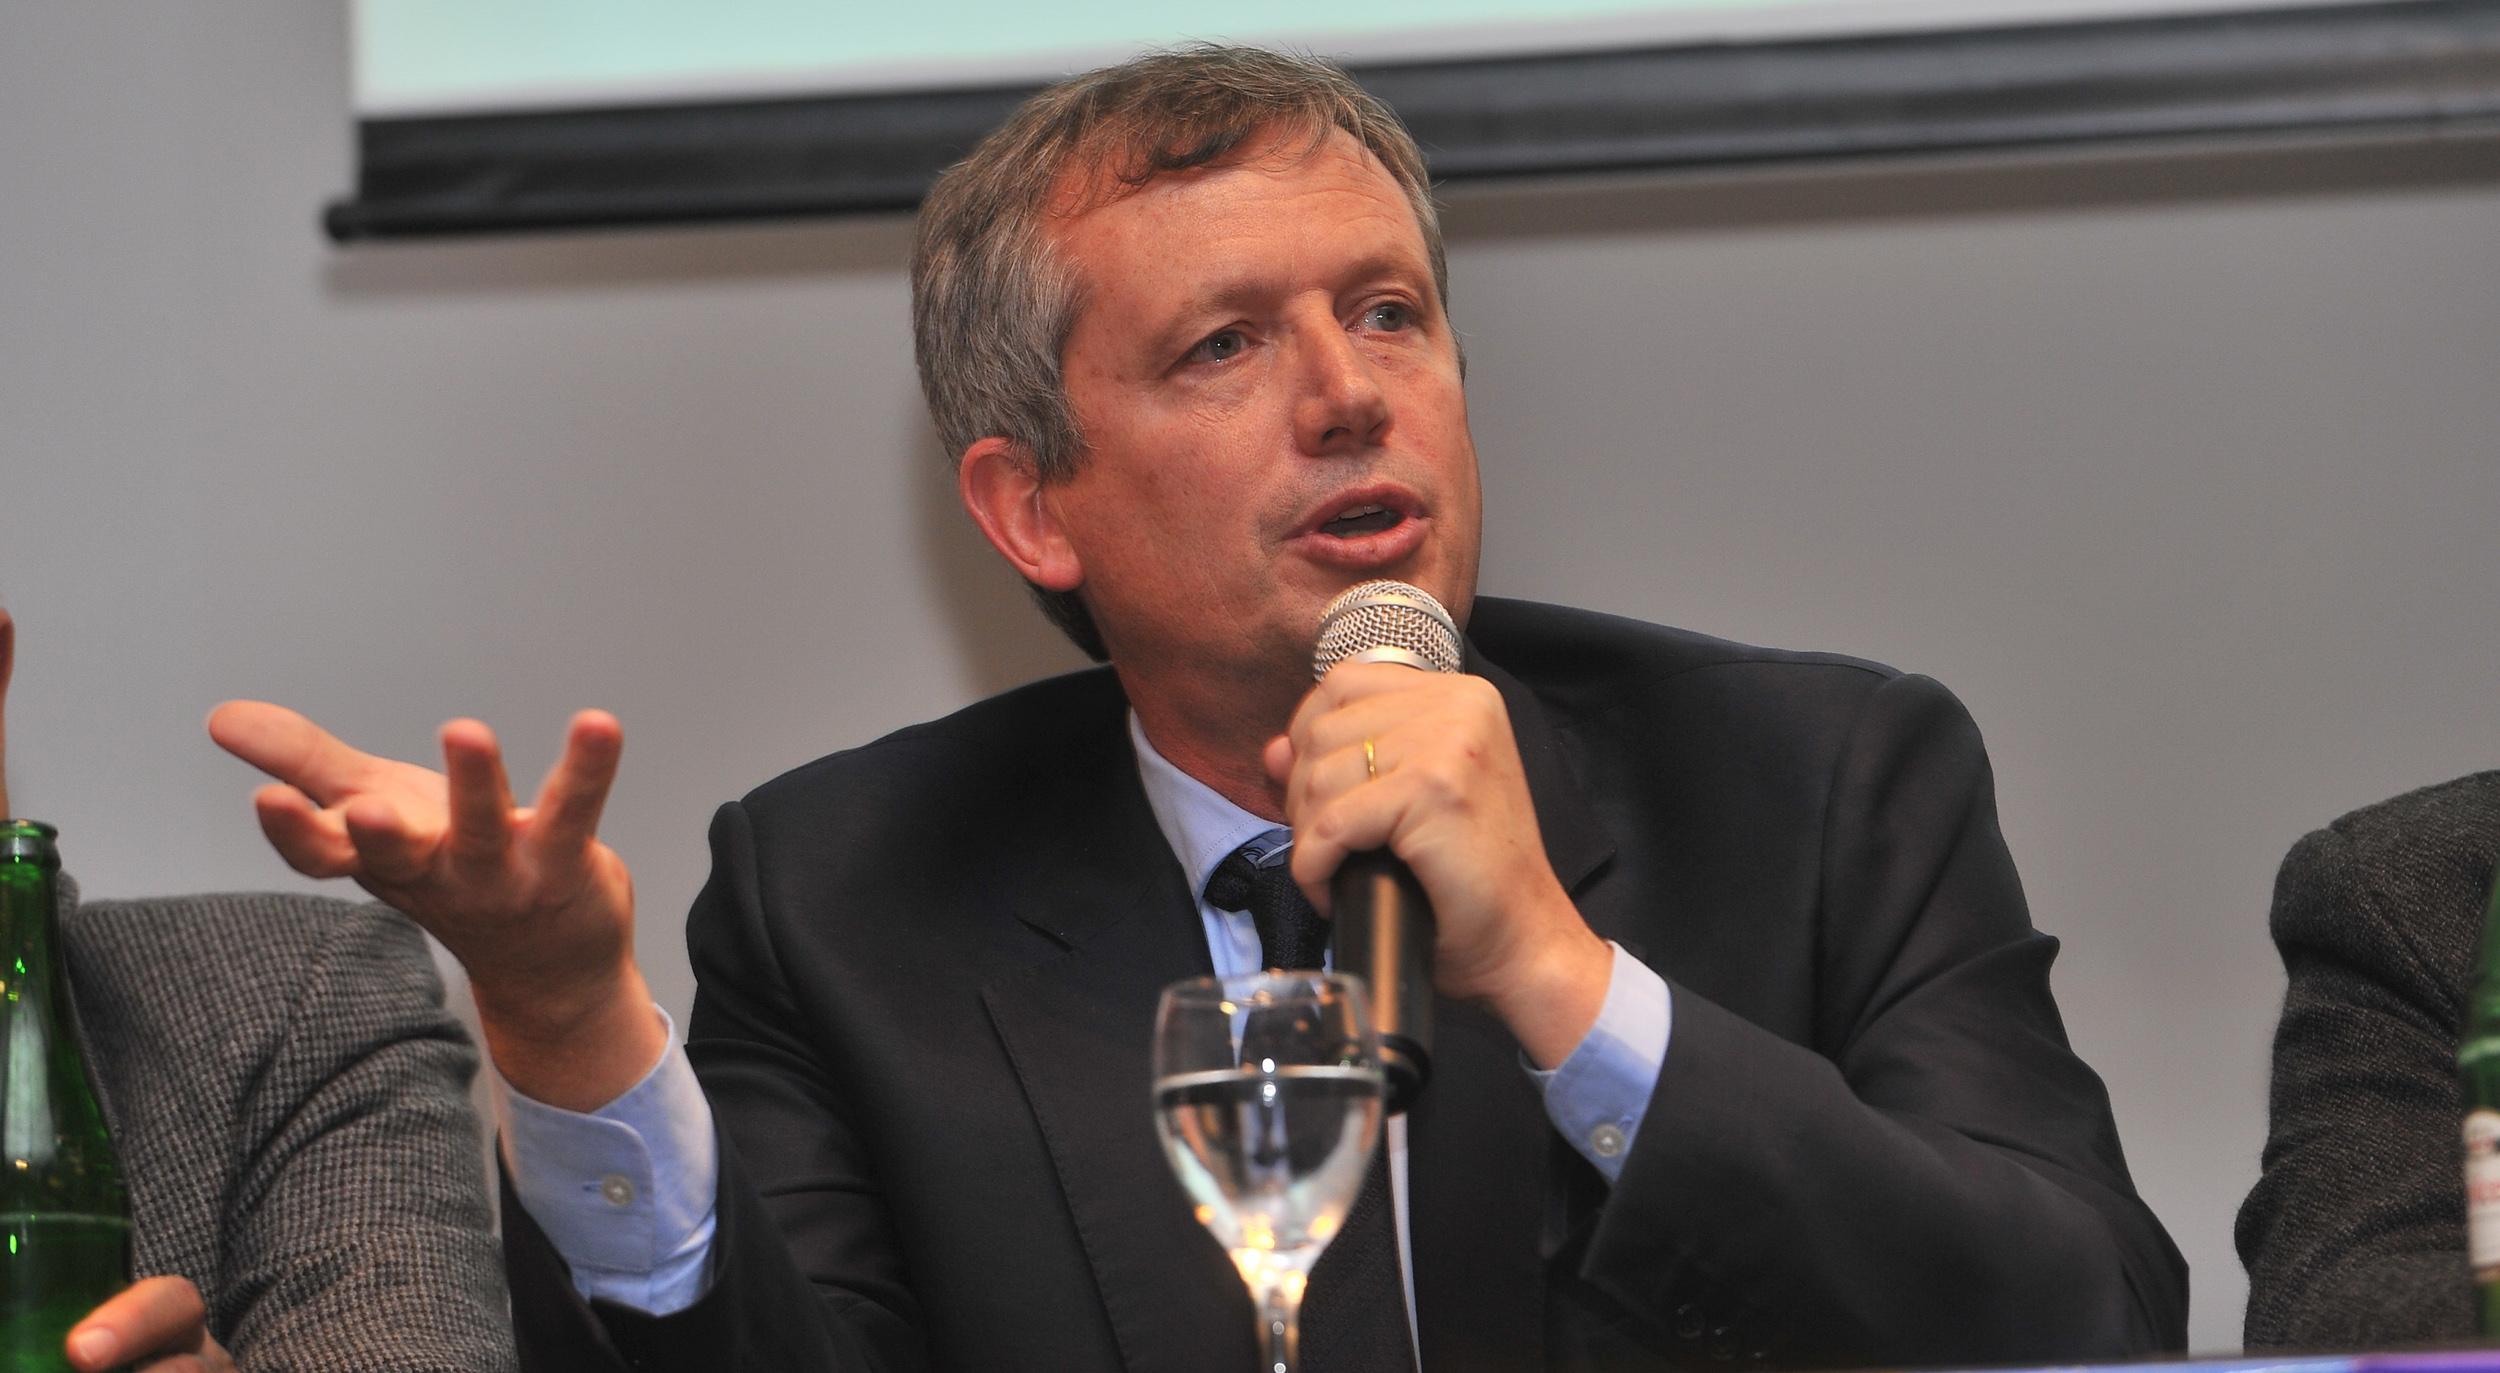 La aparición de Macri reavivó las diferencias en Cambiemos